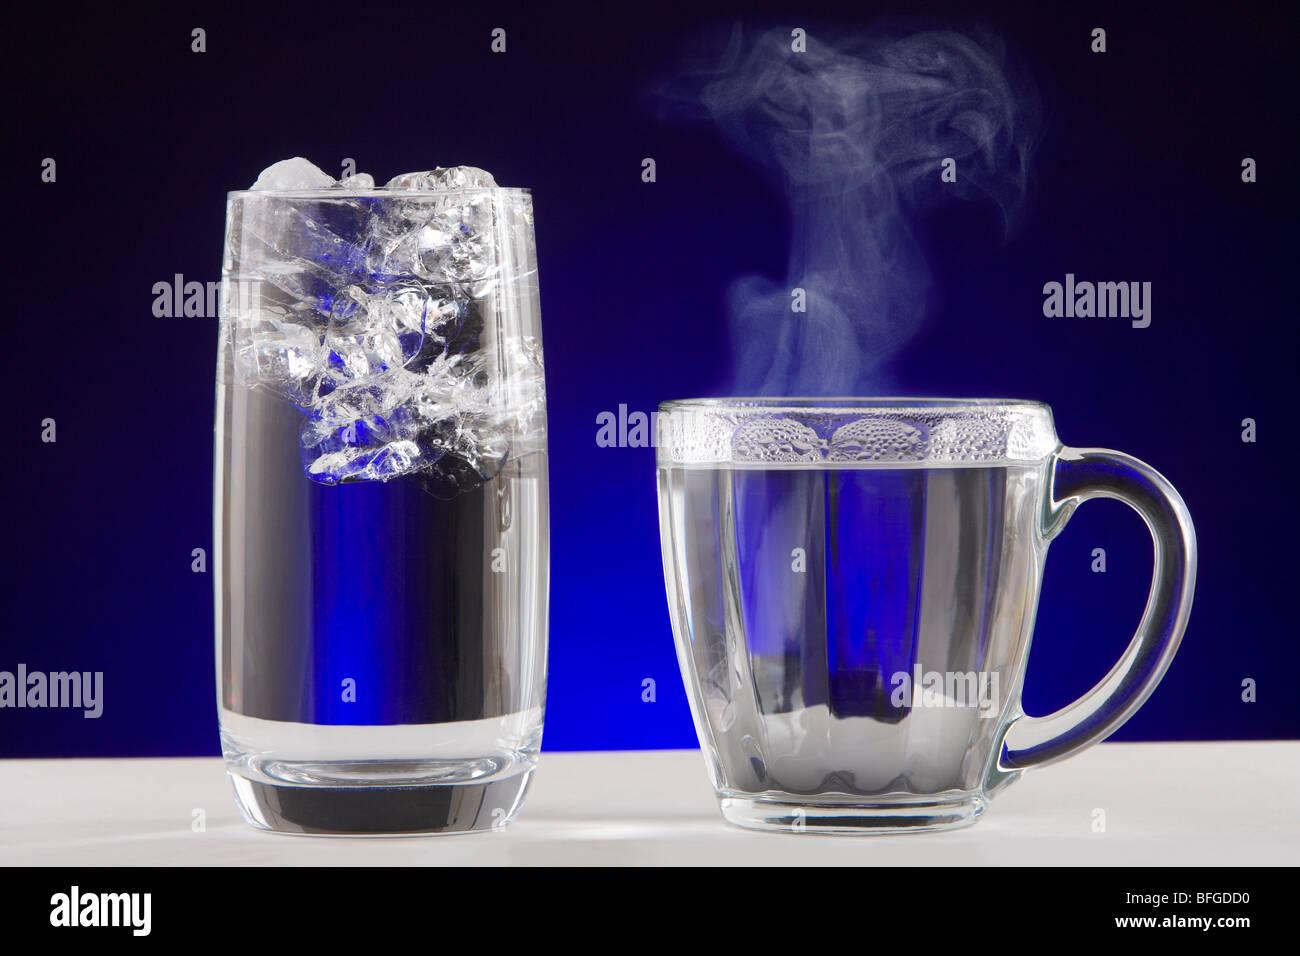 Ghiaccio acqua vapore. Un bicchiere di acqua e ghiaccio e una tazza di tè di calda acqua di cottura a vapore. Immagini Stock